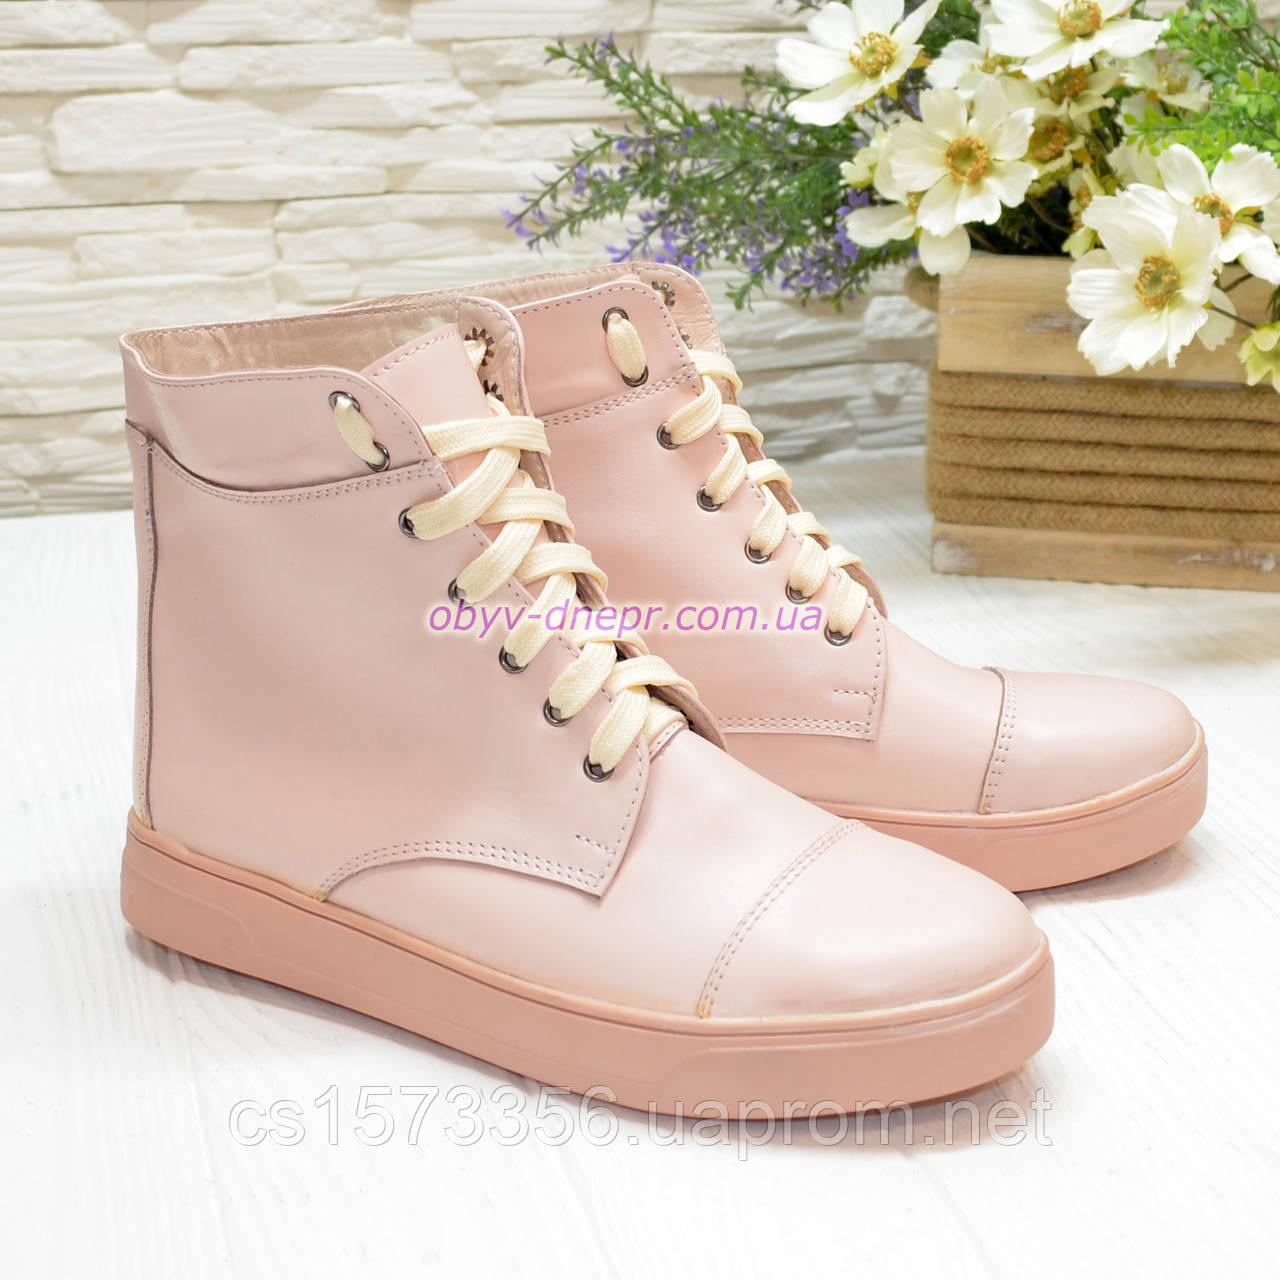 Ботинки кожаные женские на шнуровке, цвет пудра